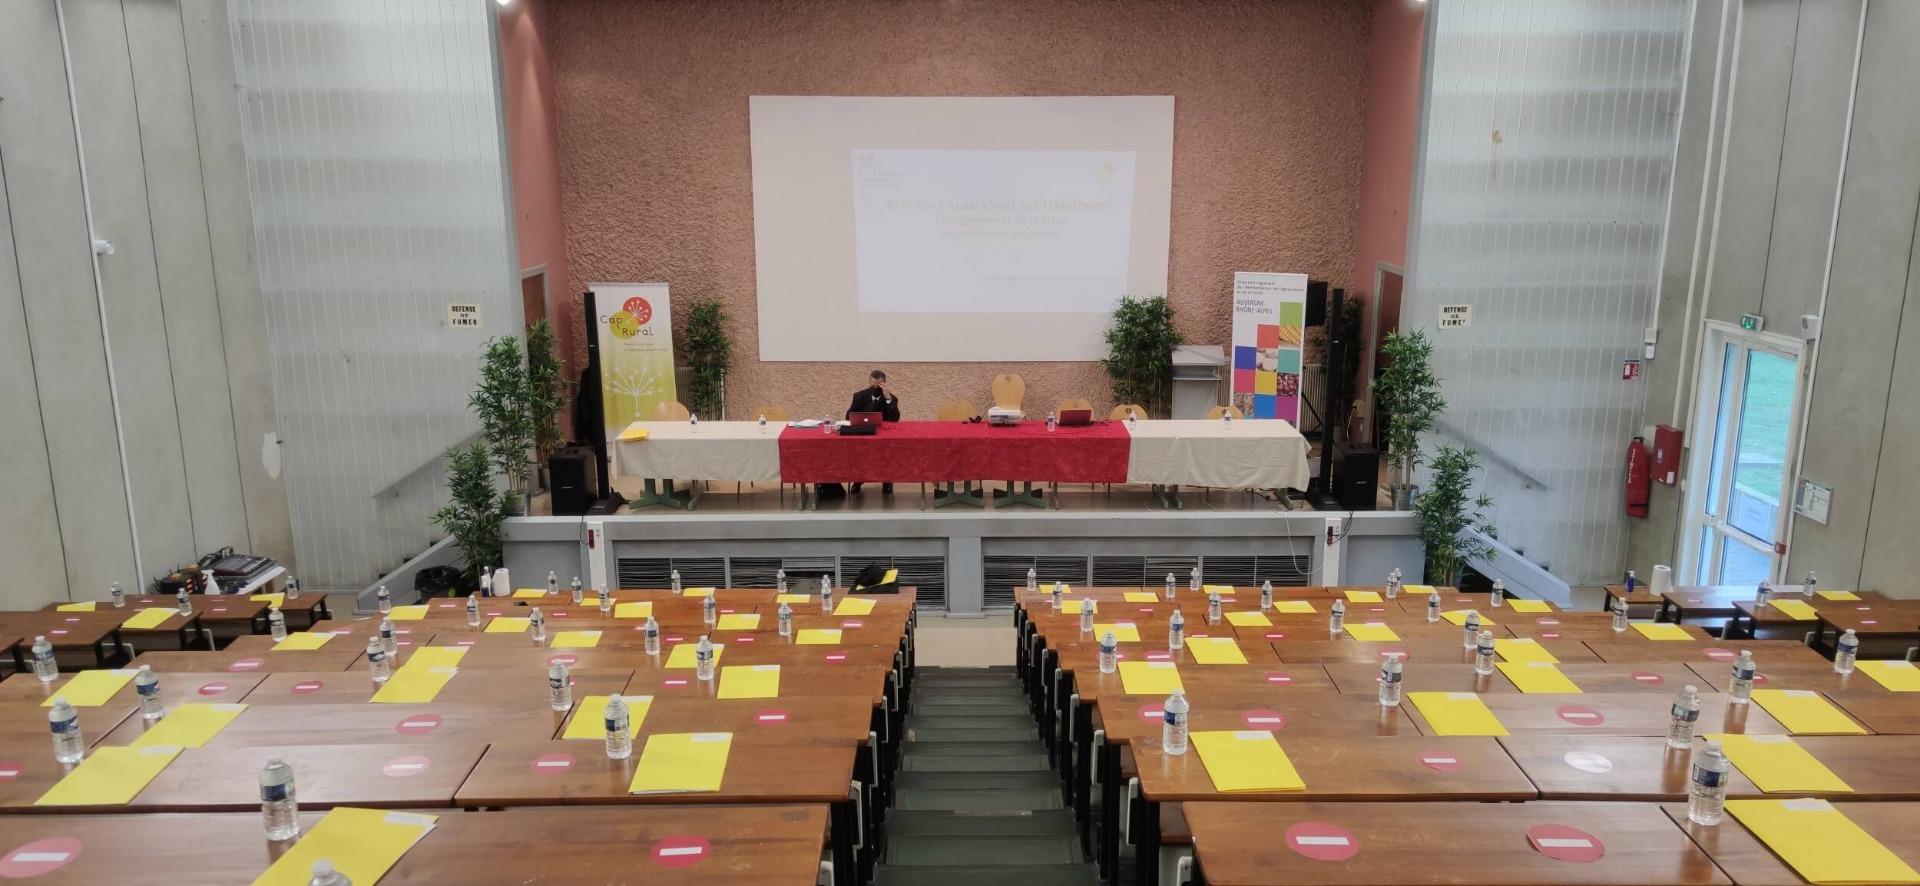 Conférence dans salle avec son et captation vidéo sur Lyon